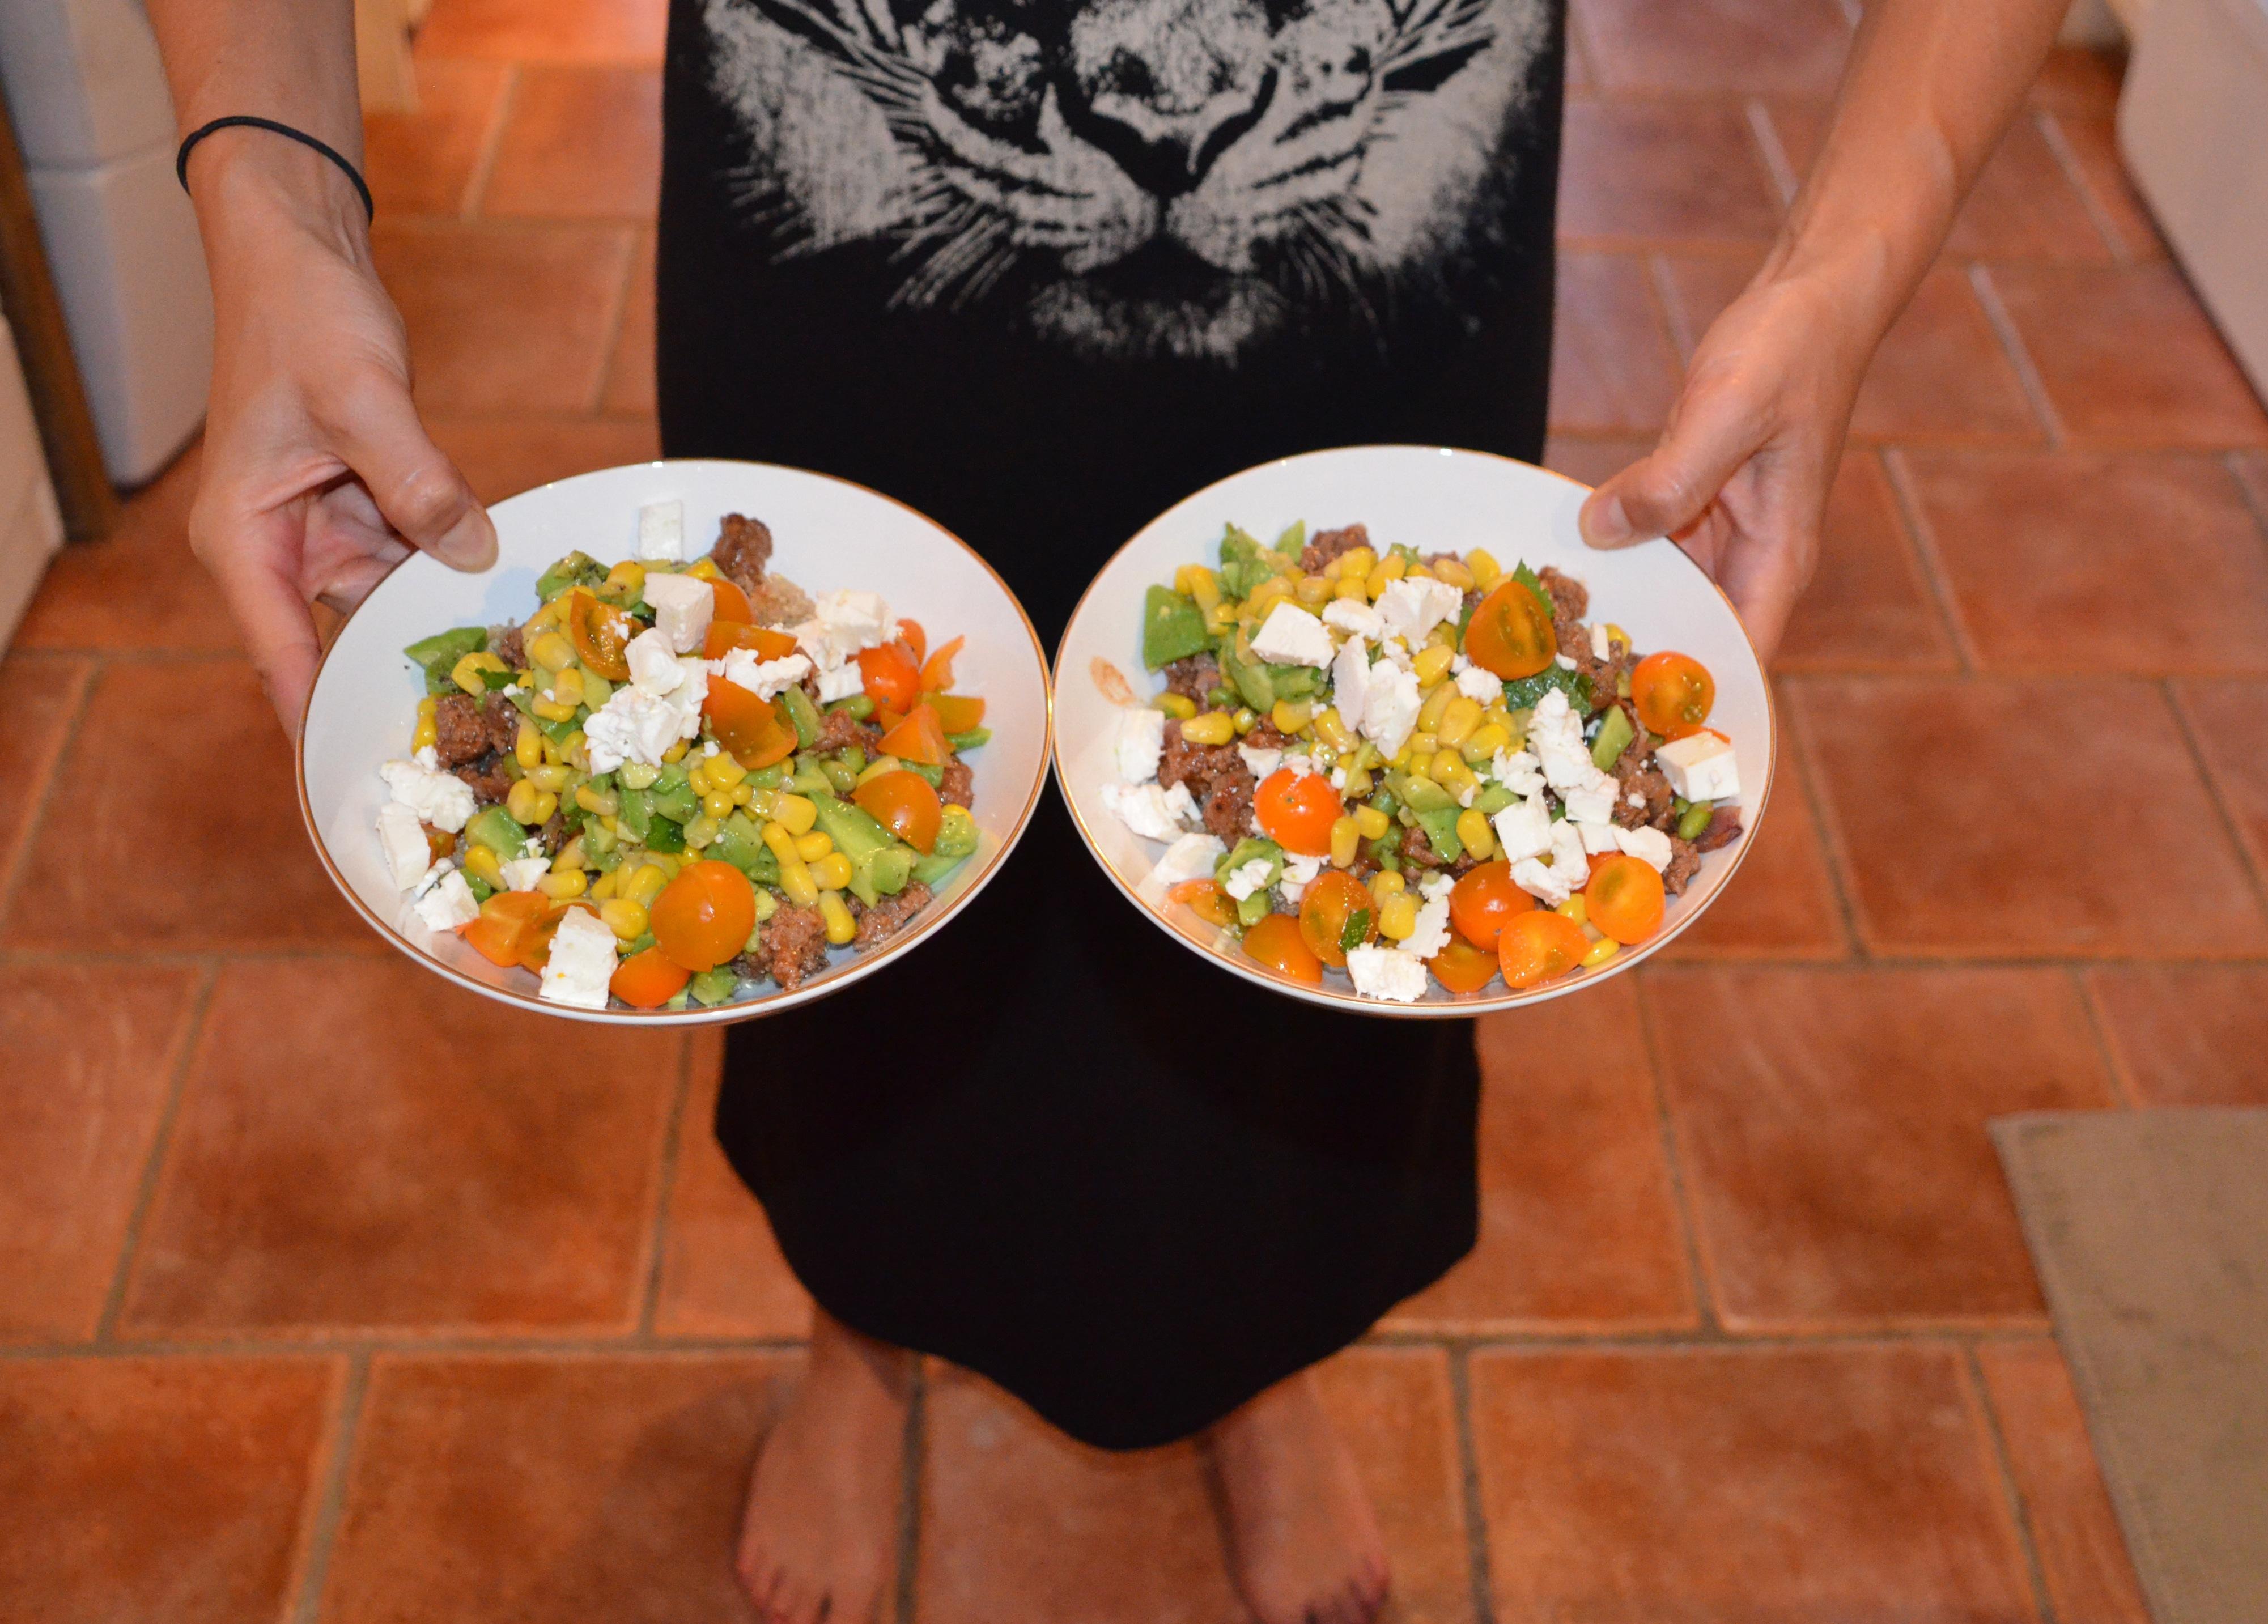 Recette d'un bol de quinoa simple et santé à saveurs mexicaines.